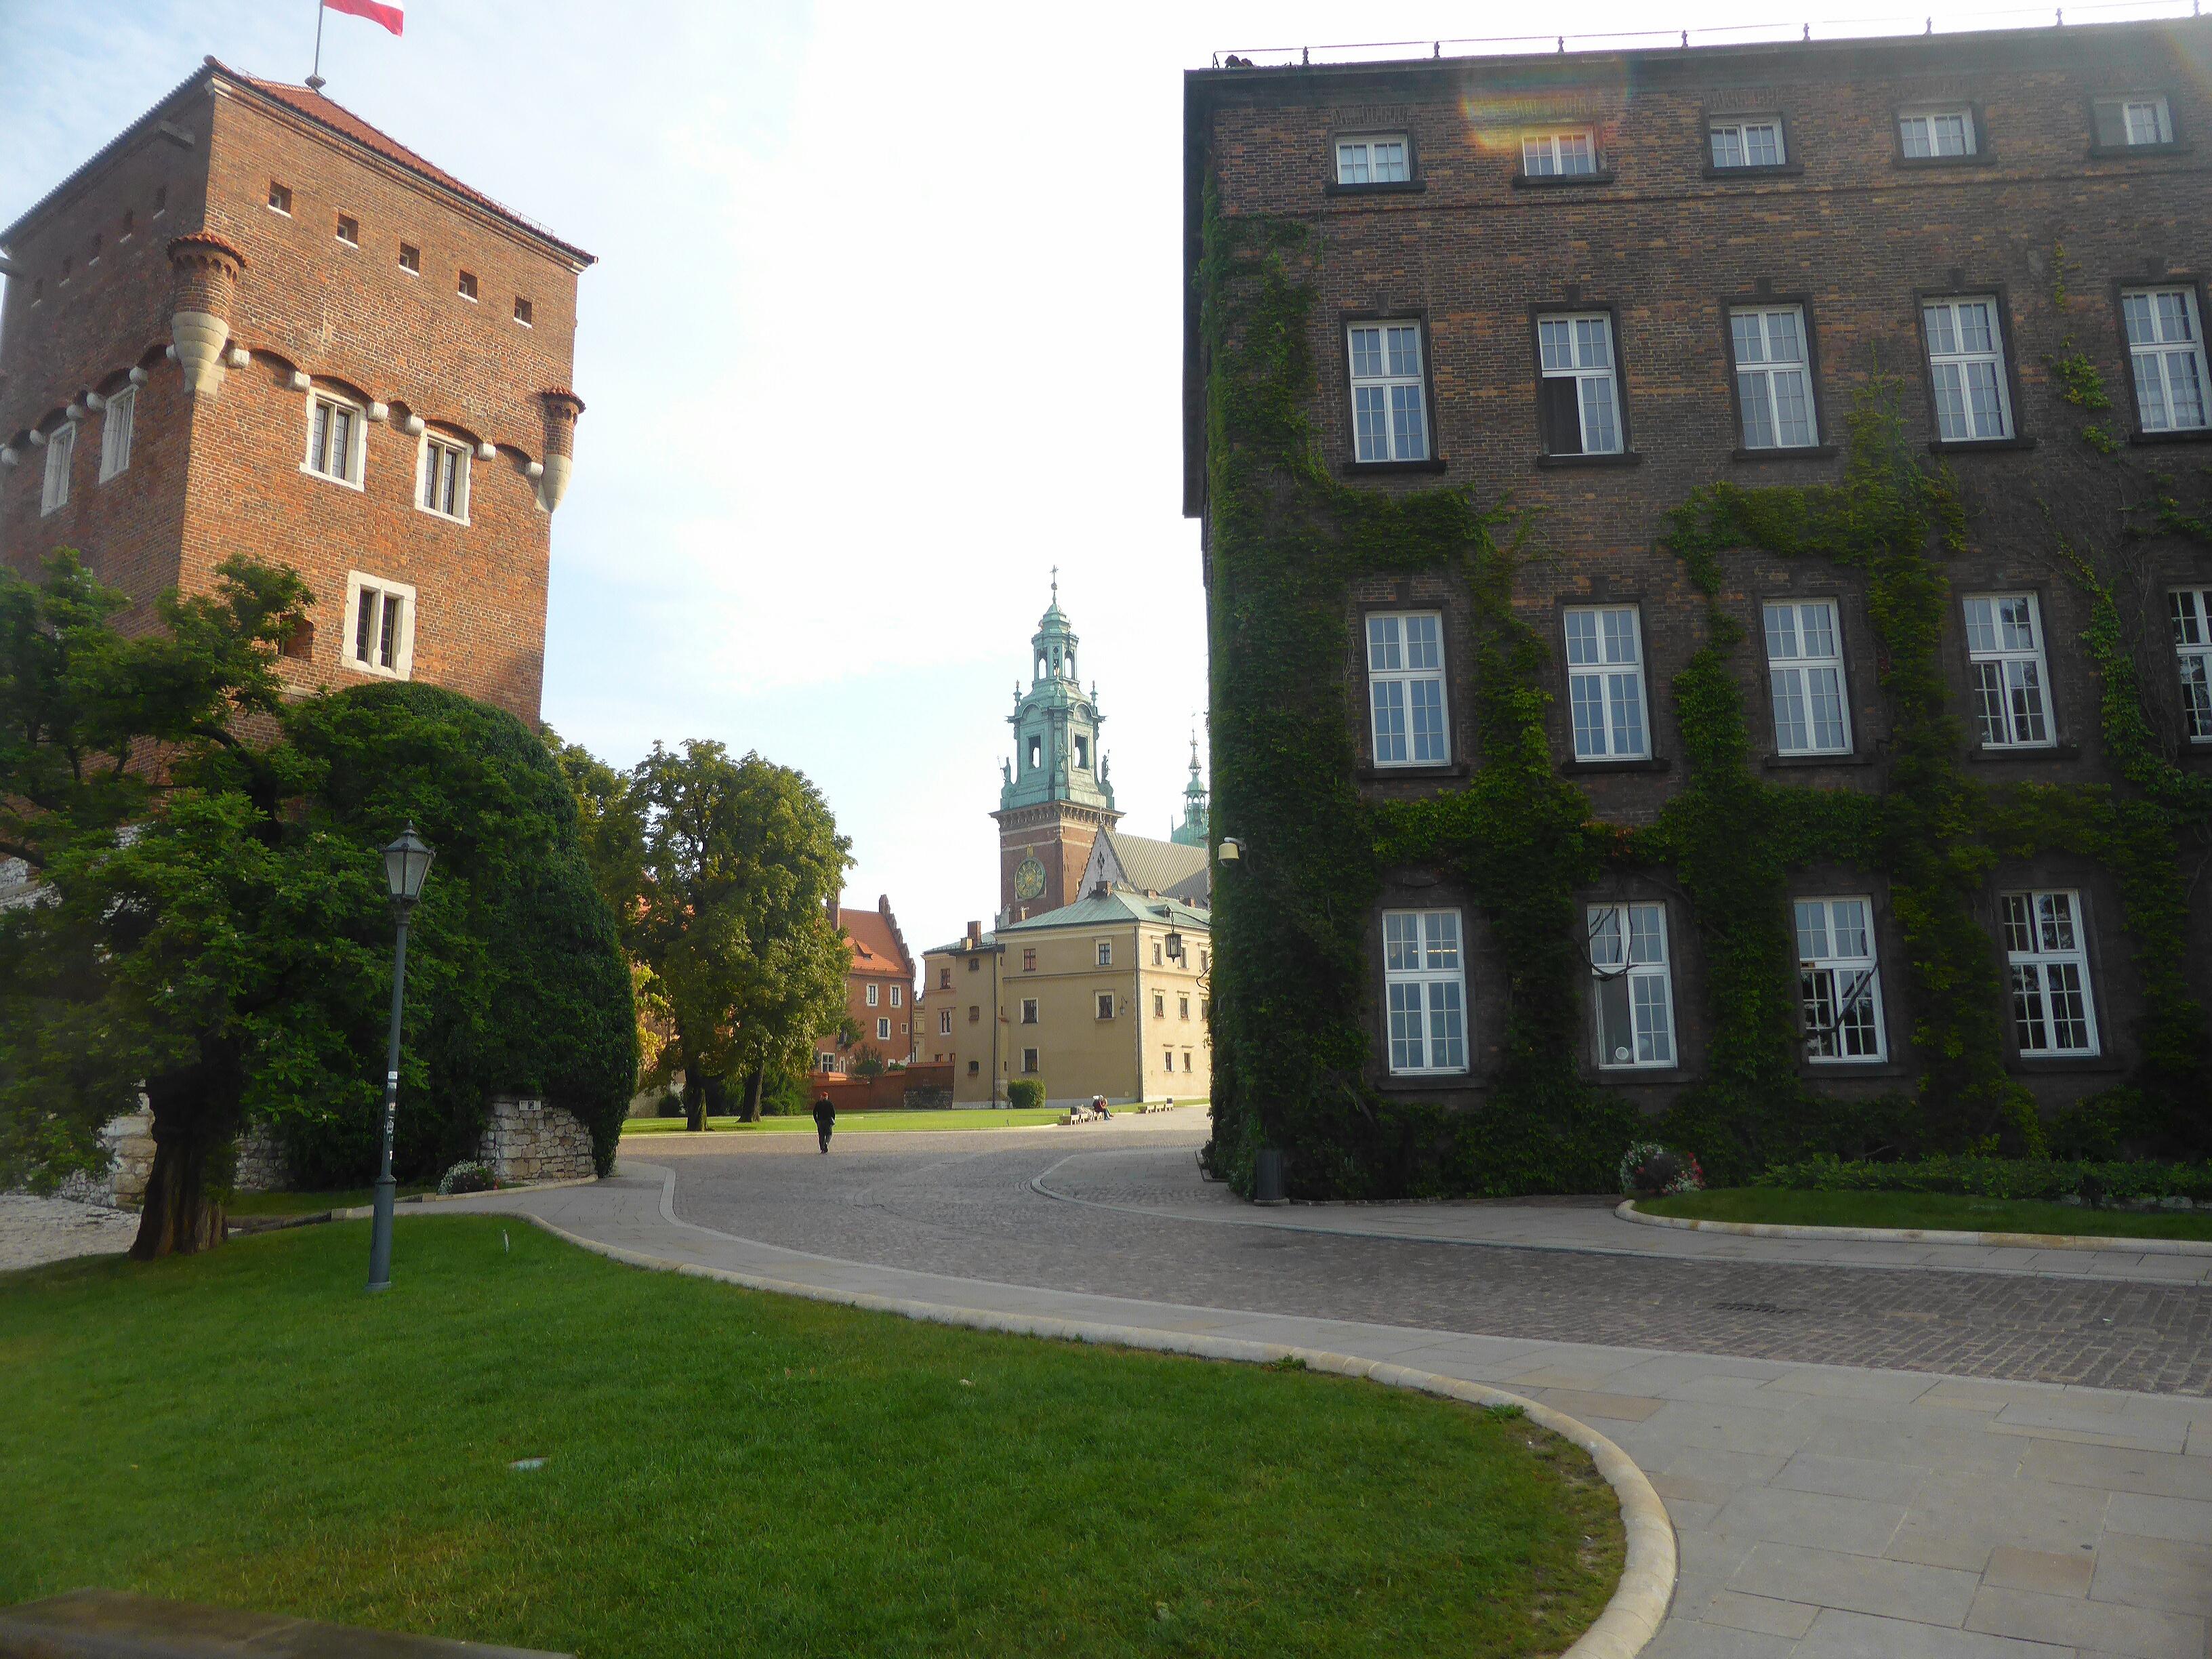 Hardlopen in Krakau, het Wawelkasteel biedt een prachtige aanblik